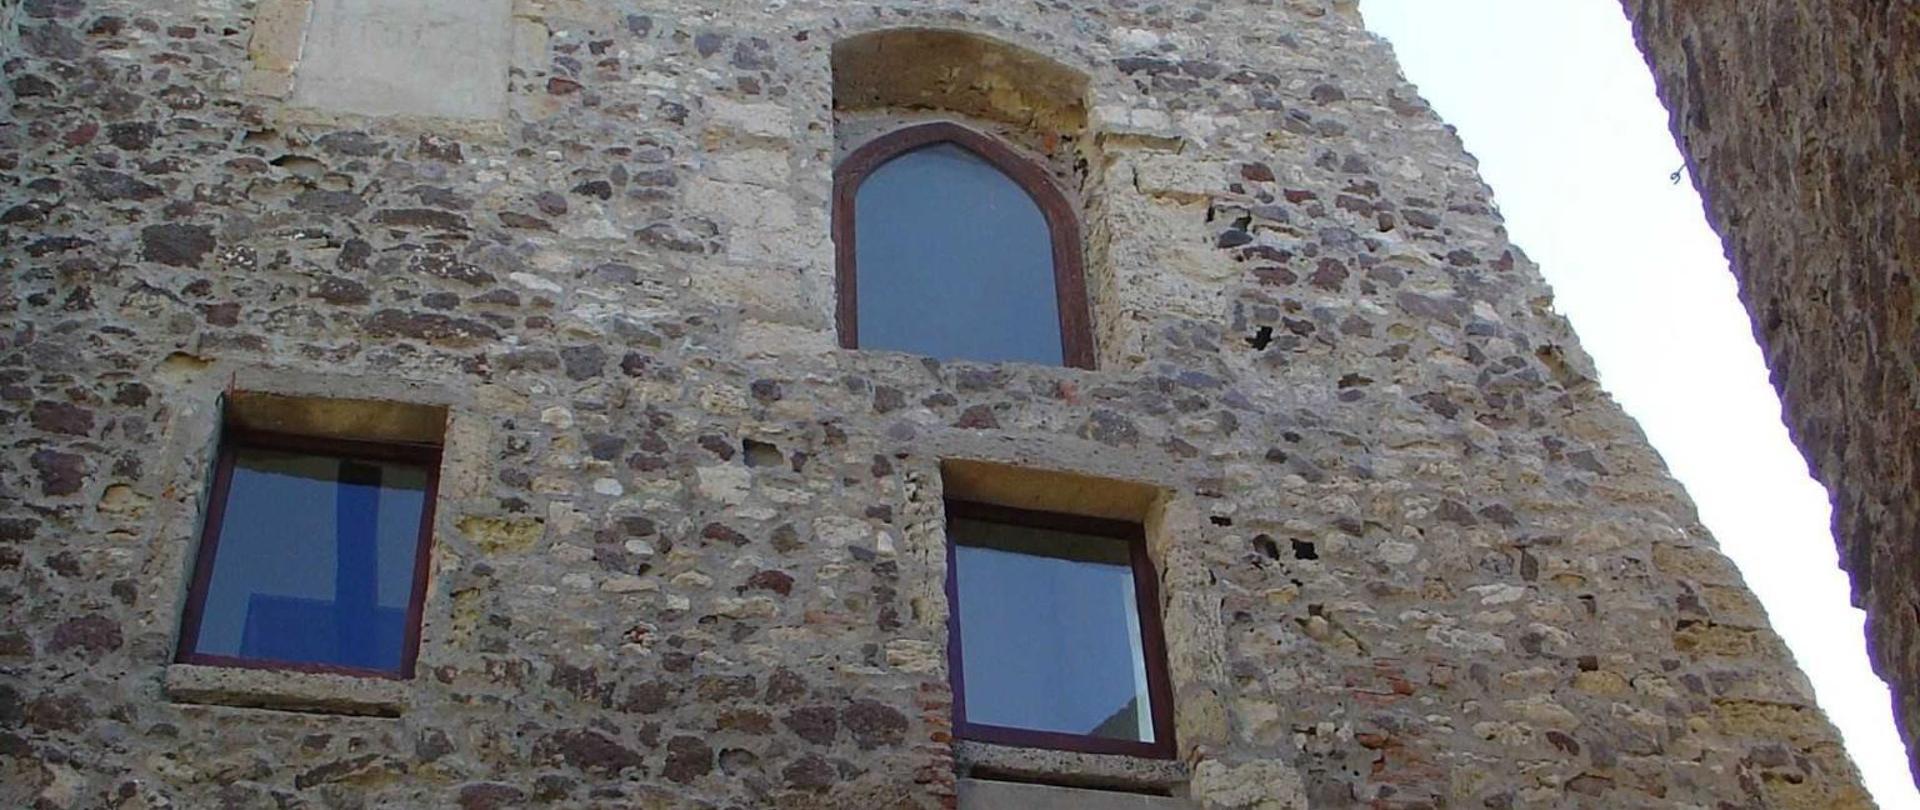 castelsardo-castello-2.jpg